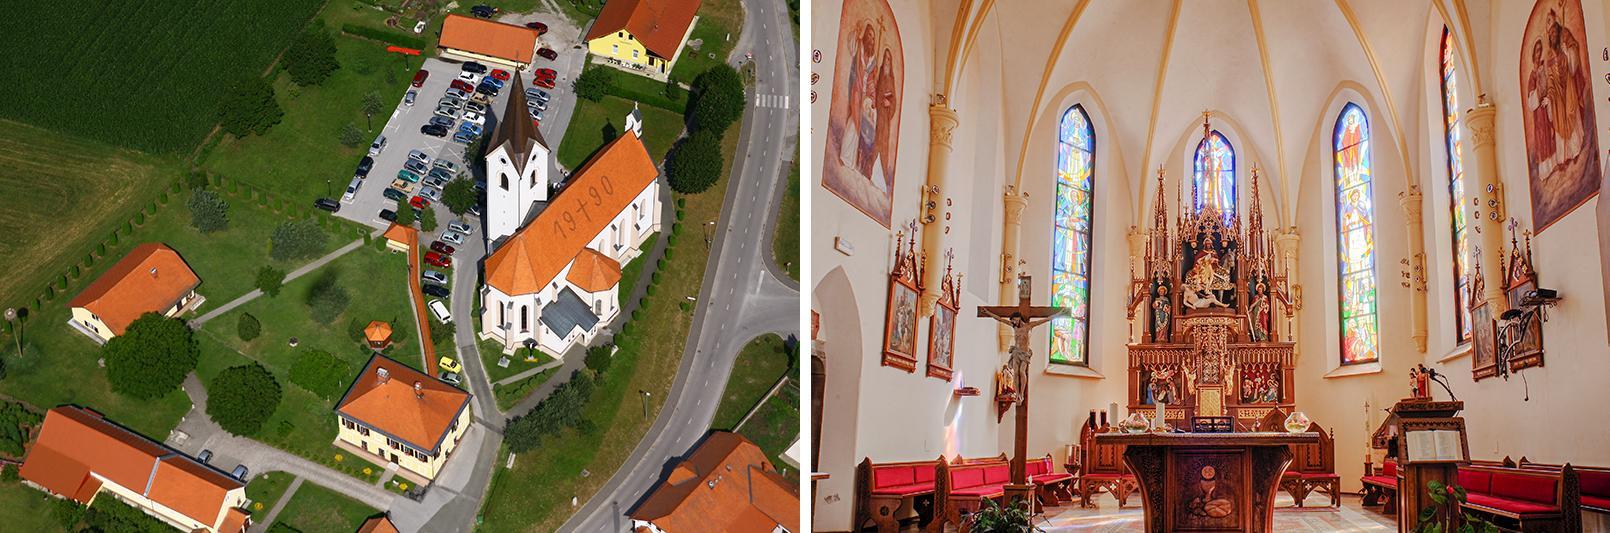 Cerkev svetega Martina Hajdina